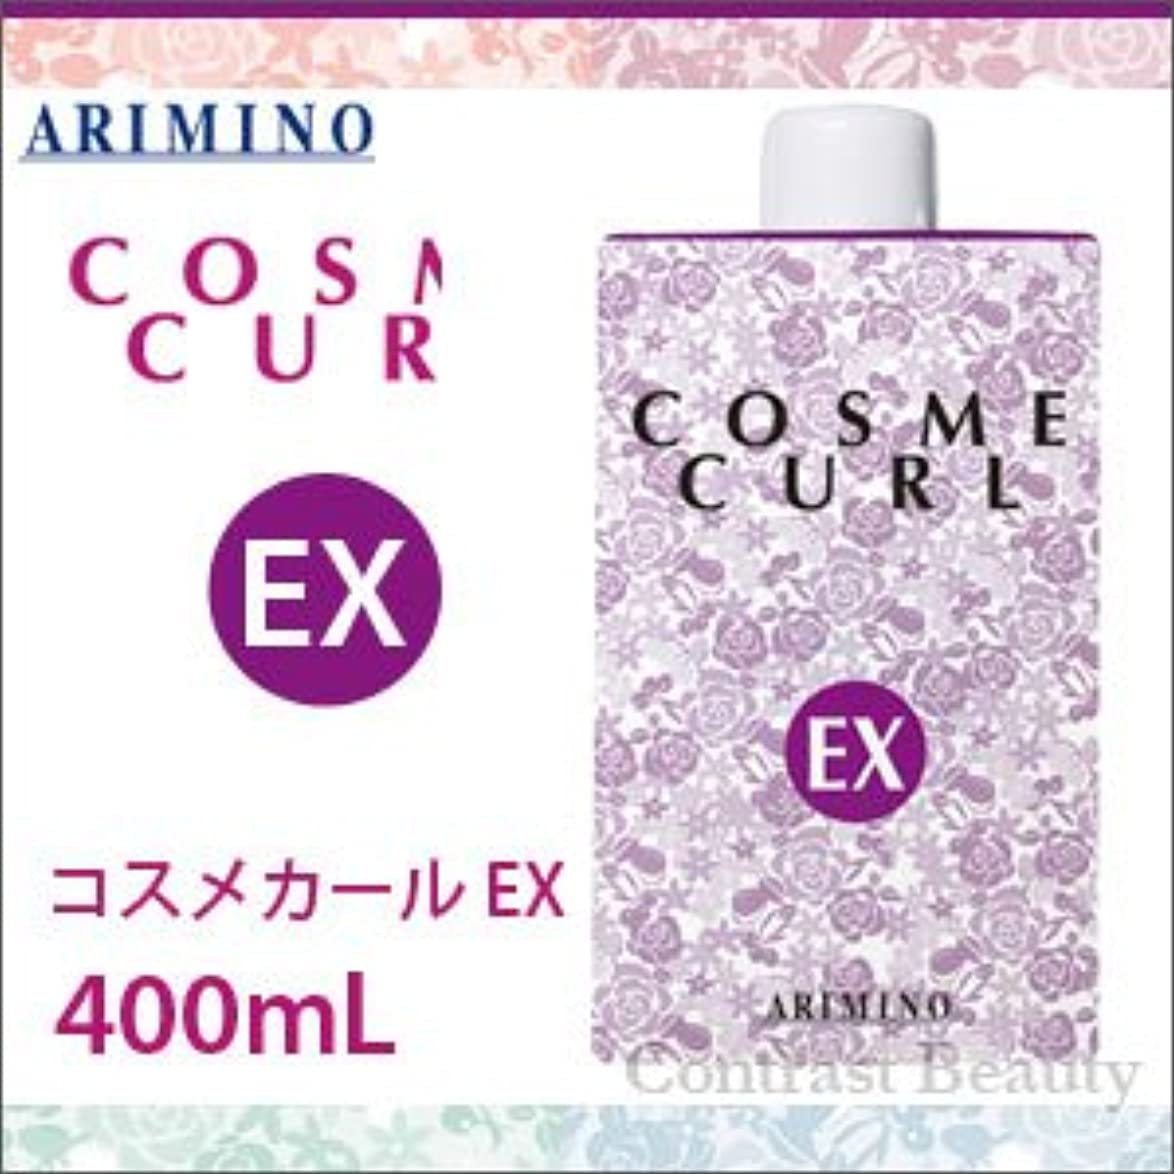 噴火降伏枠アリミノ コスメカール EX 400ml